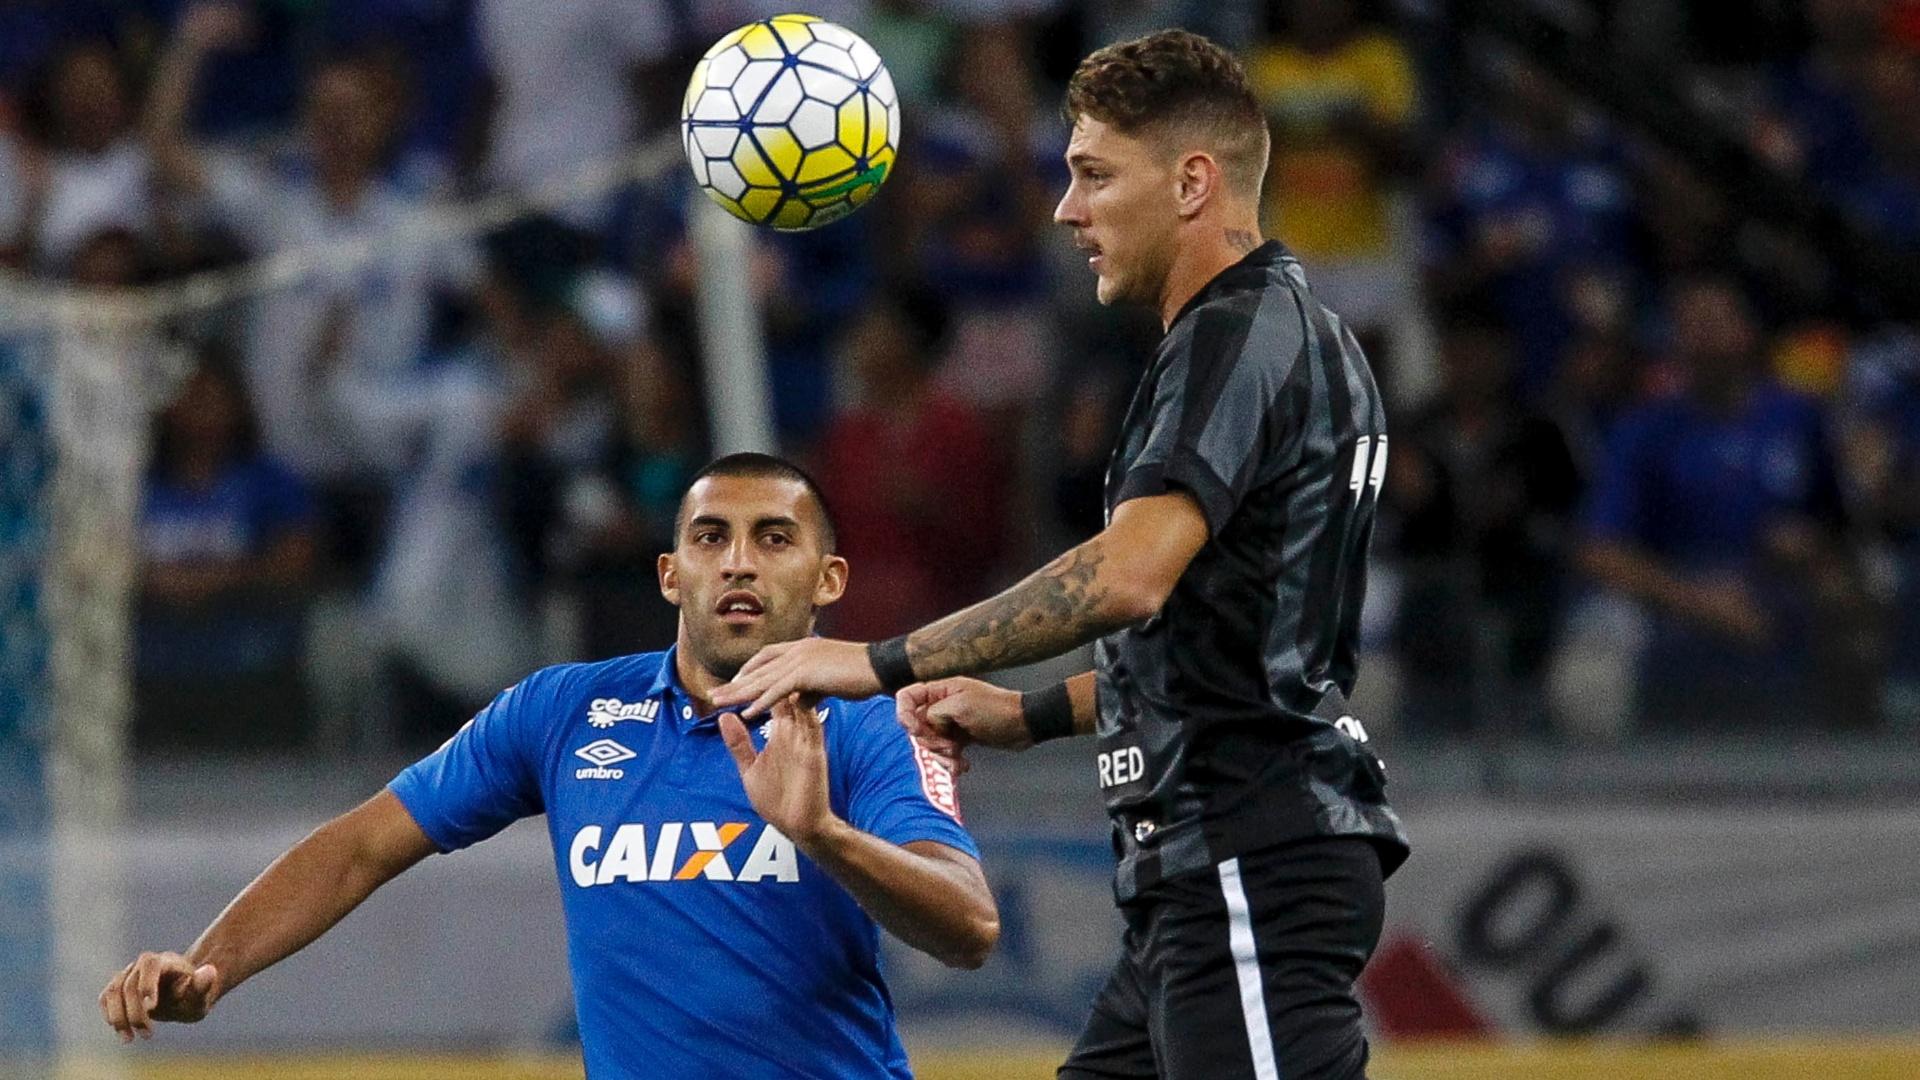 Ramón Ábila tenta desarmar o jogador do Botafogo durante partida pela Copa do Brasil